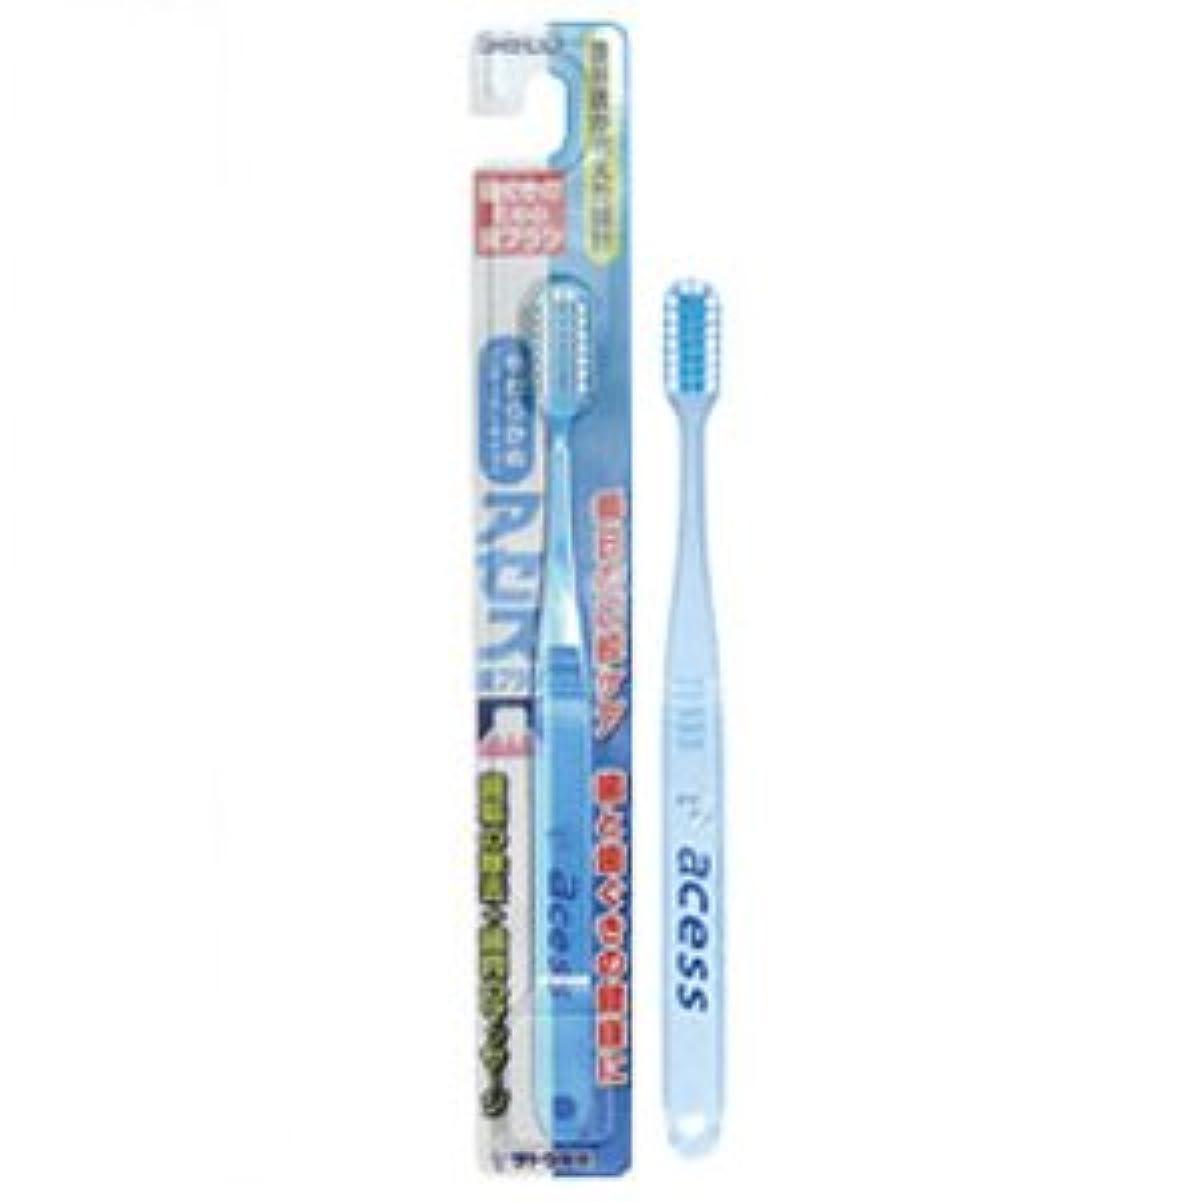 アセス歯ブラシ やわらかめ(レギュラータイプ) ブルー 12本